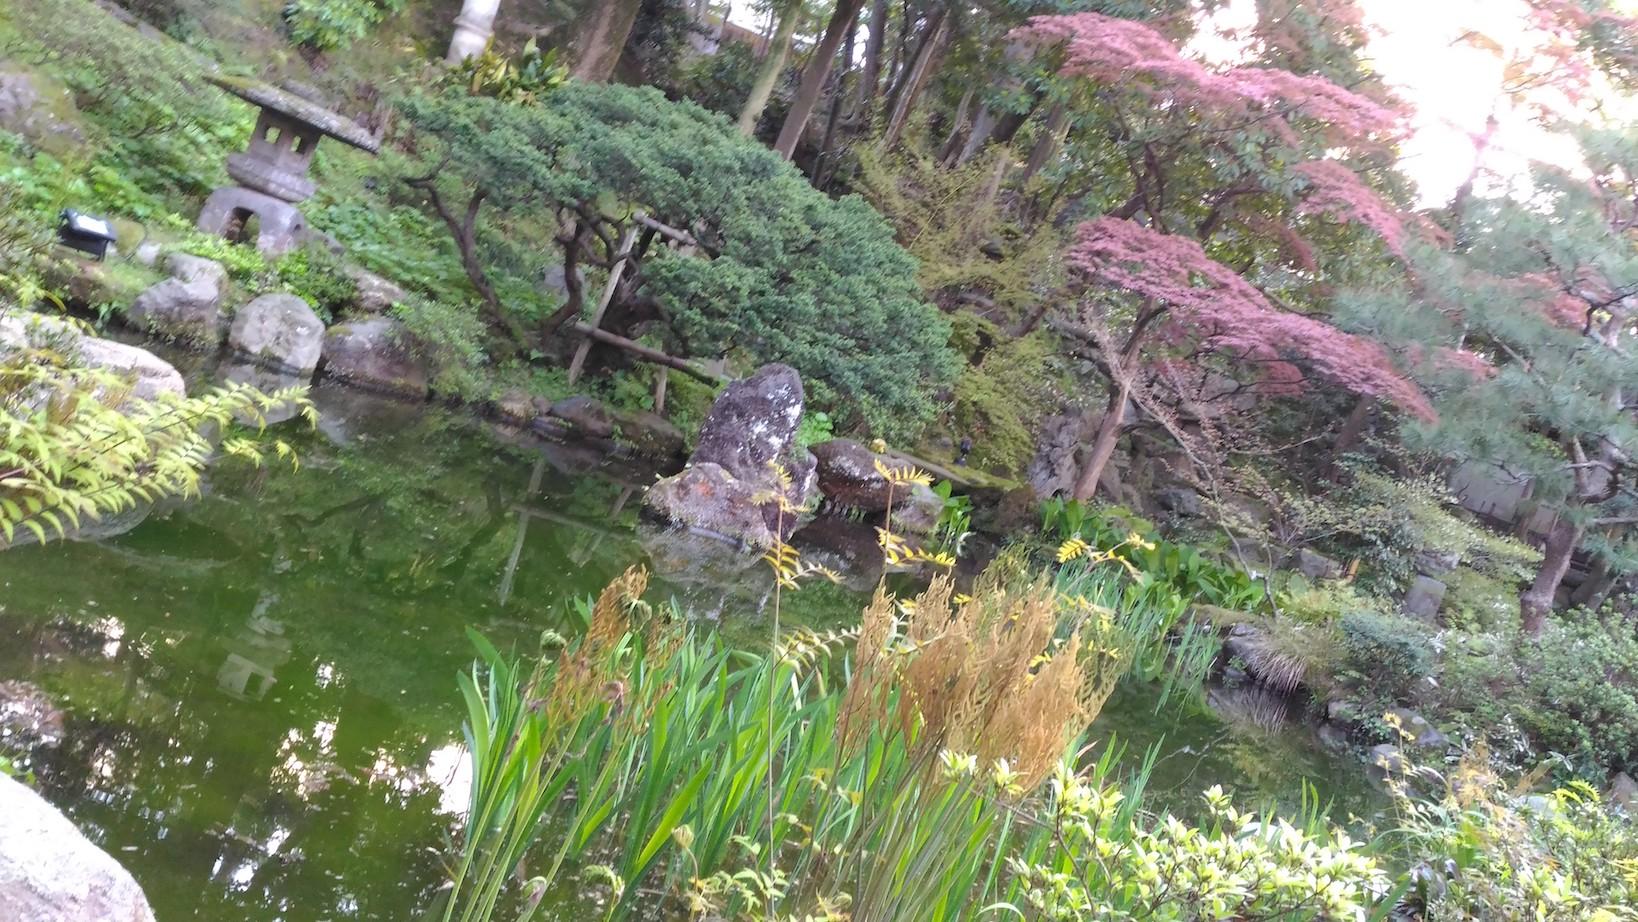 美しすぎる庭園「玉泉園」は兼六園よりも歴史がある!